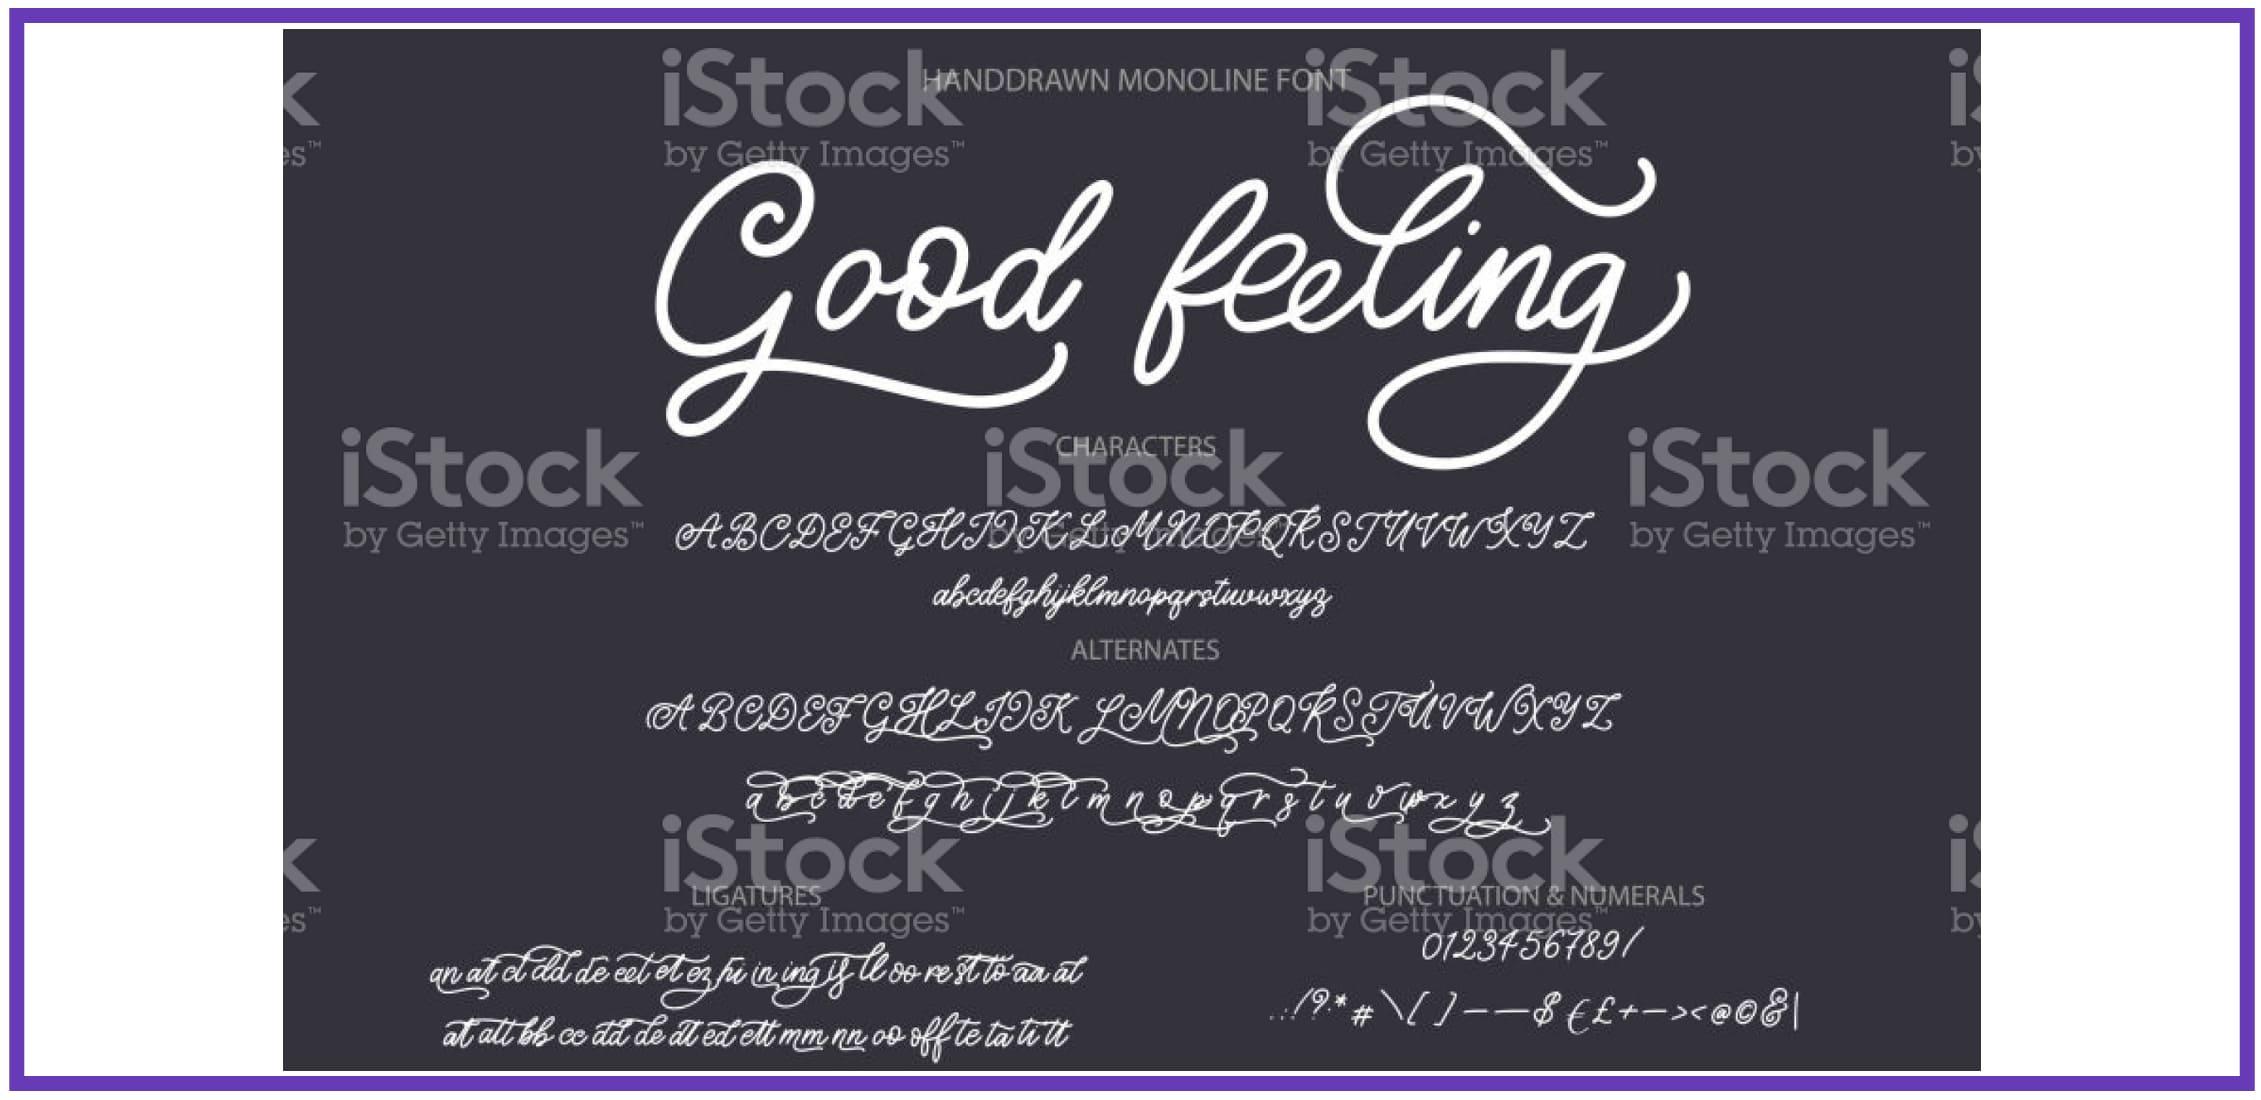 Charming Good Feeling. Masculine Font.